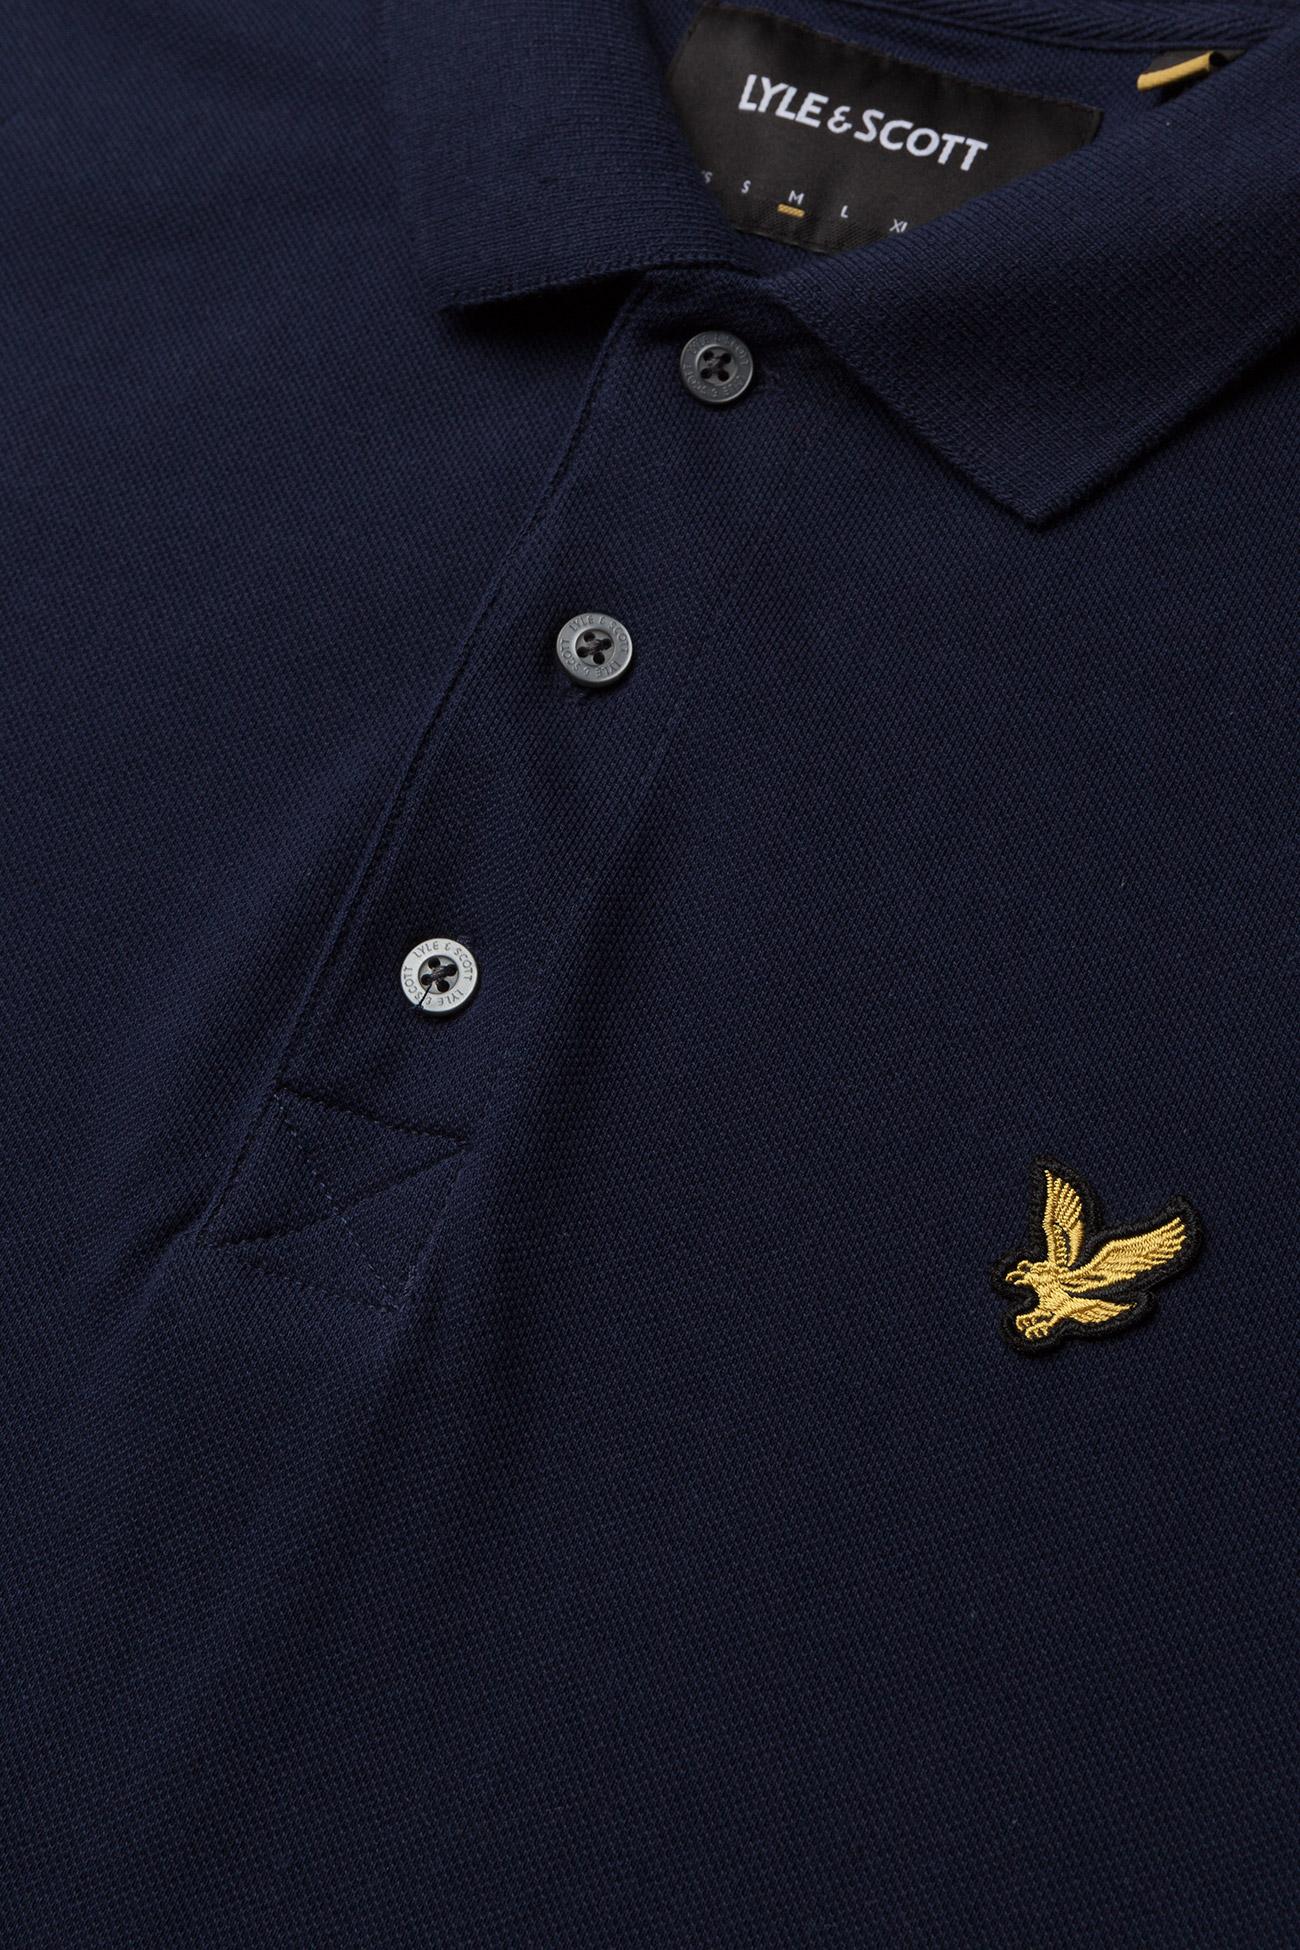 Lyle & Scott Polo Shirt - Poloskjorter NAVY - Menn Klær